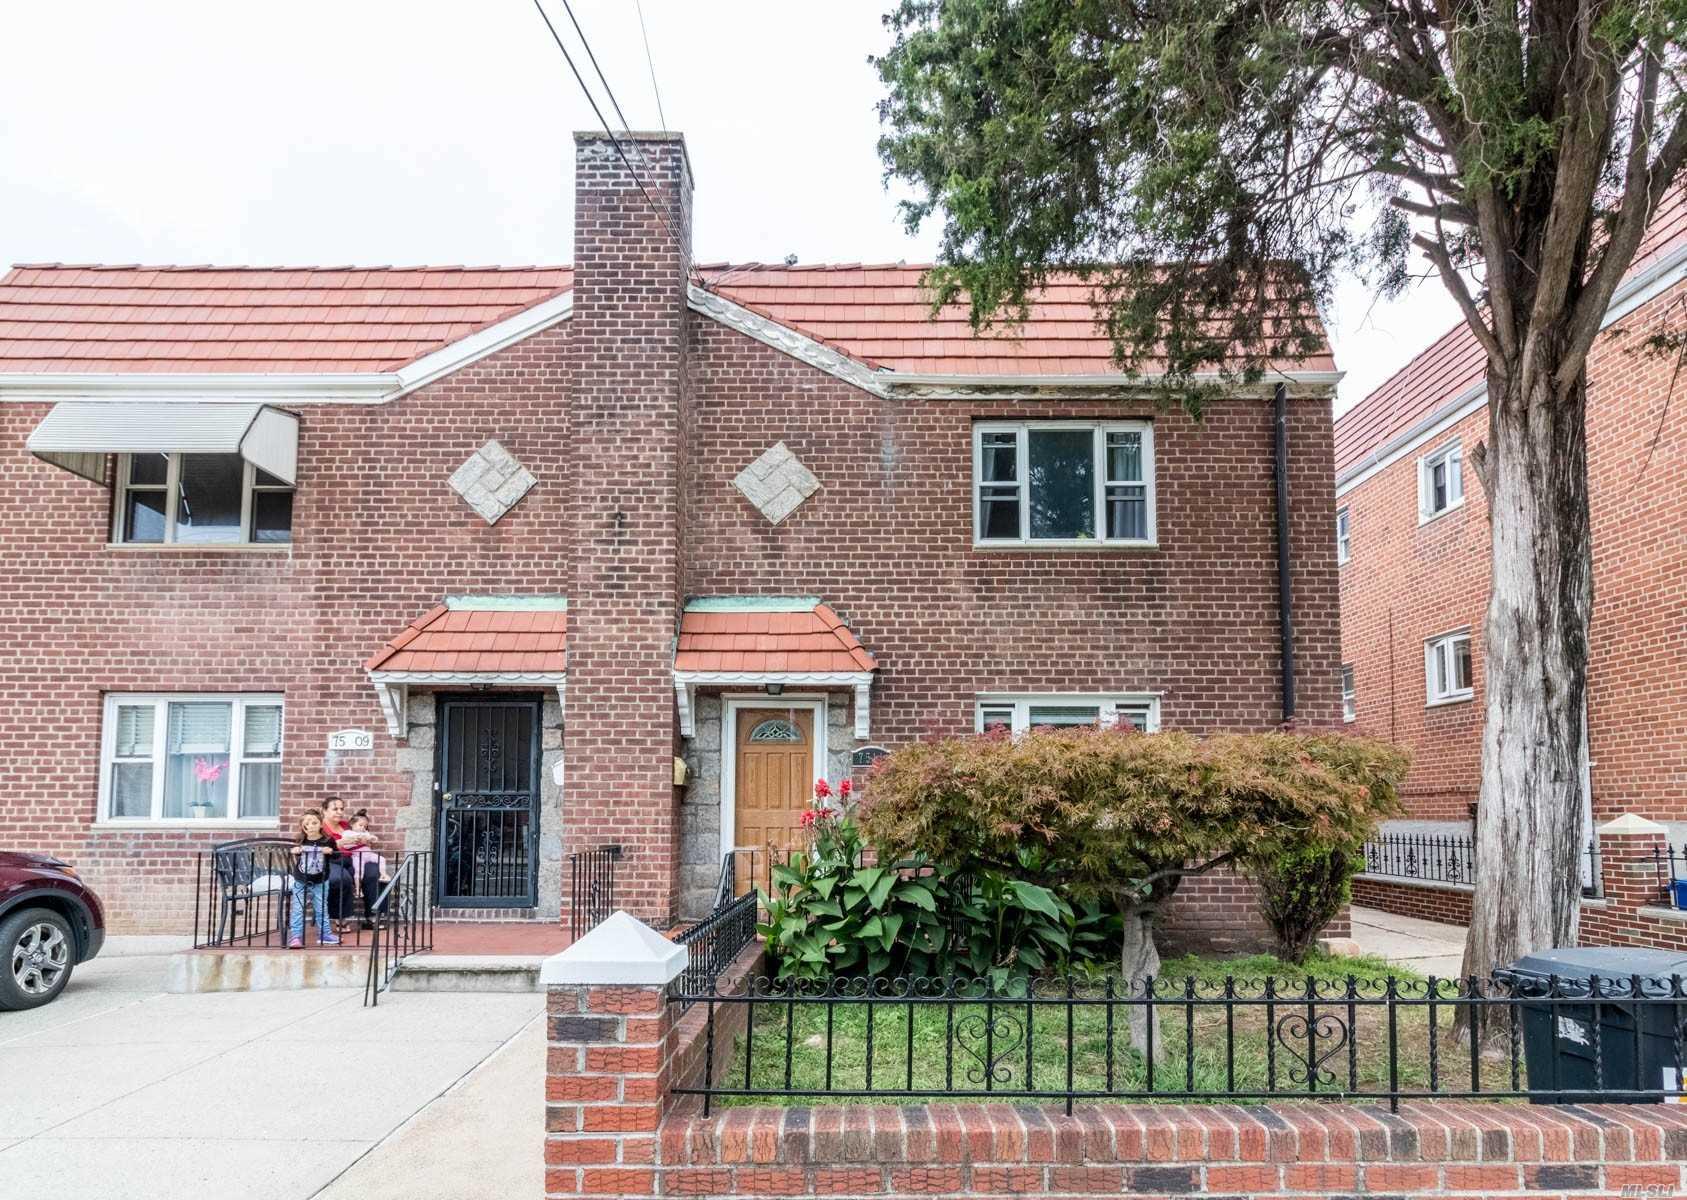 75-11 Ditmars - East Elmhurst, New York